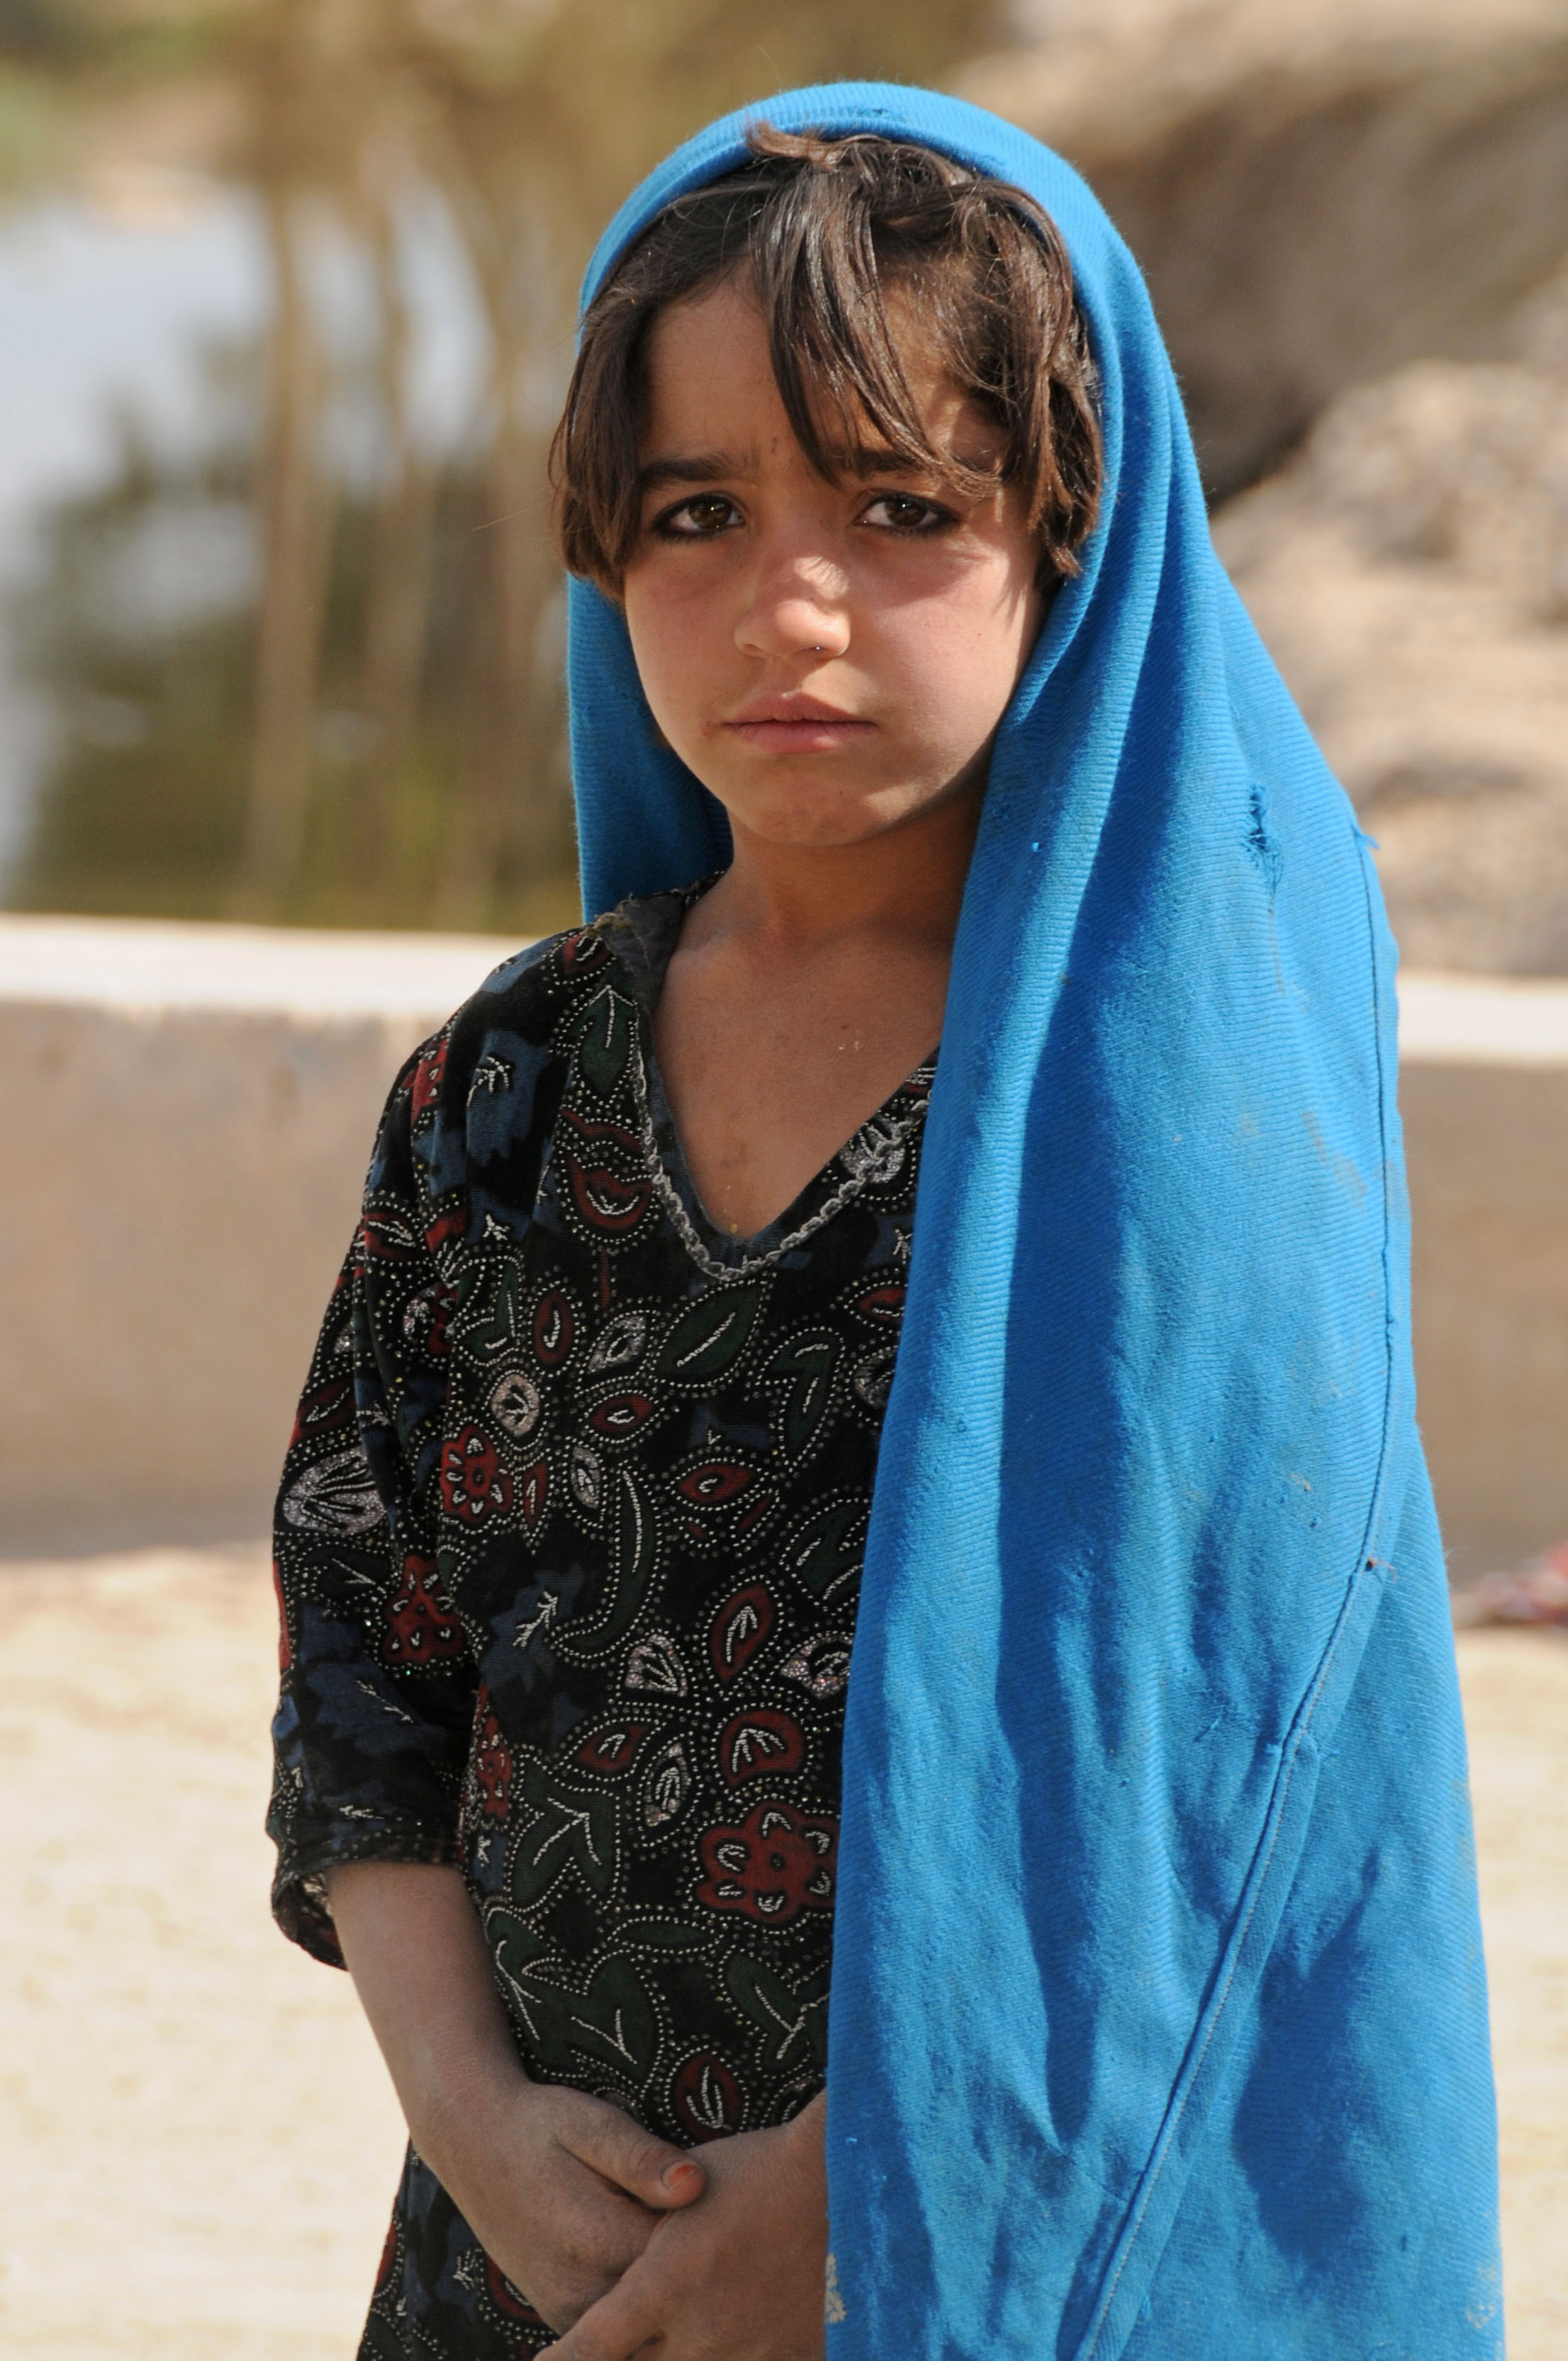 afgan-nude-teen-girls-young-naked-girls-free